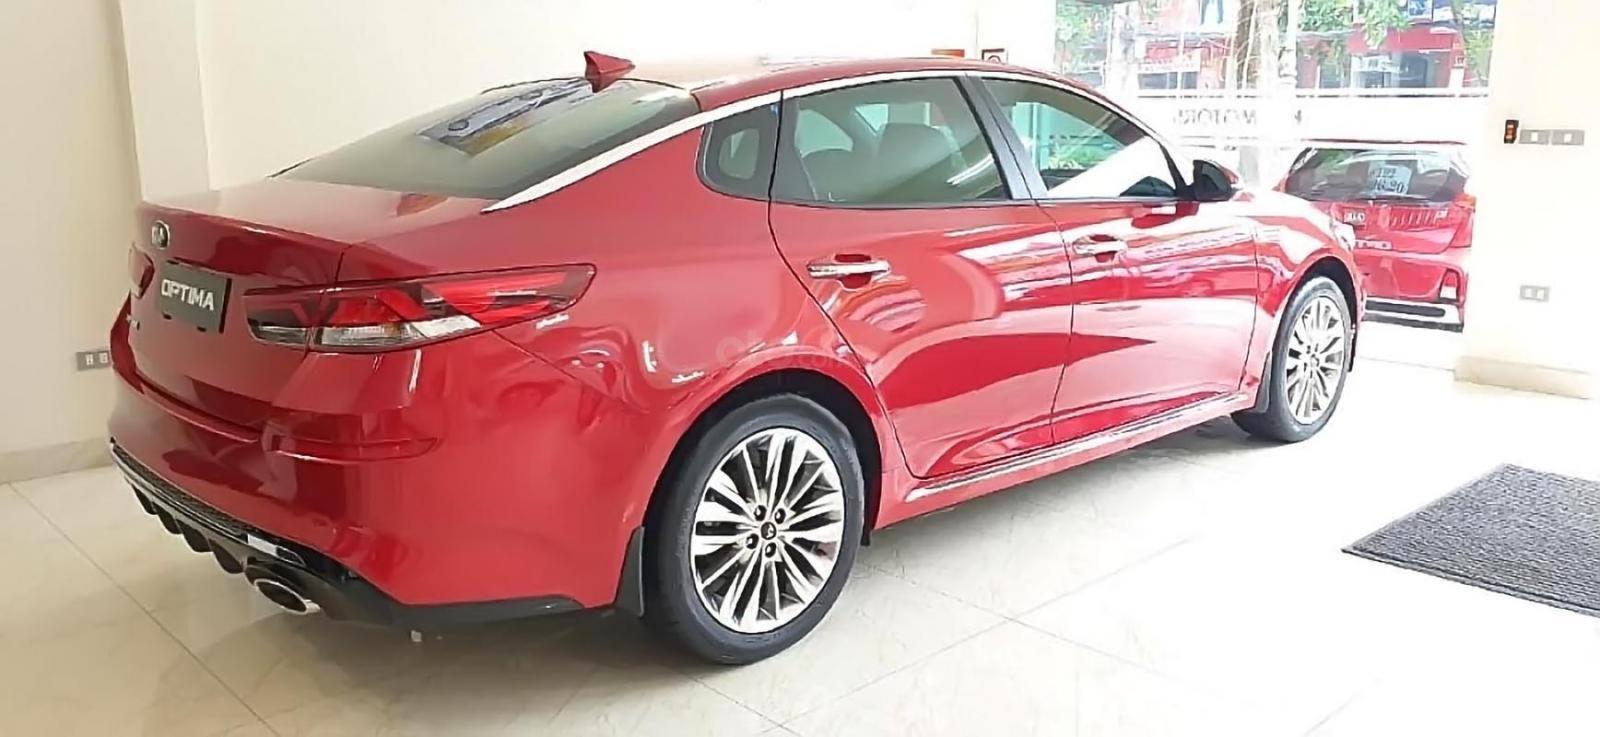 Cần bán Kia Optima 2.0 AT 2019, màu đỏ, giá 789tr (1)